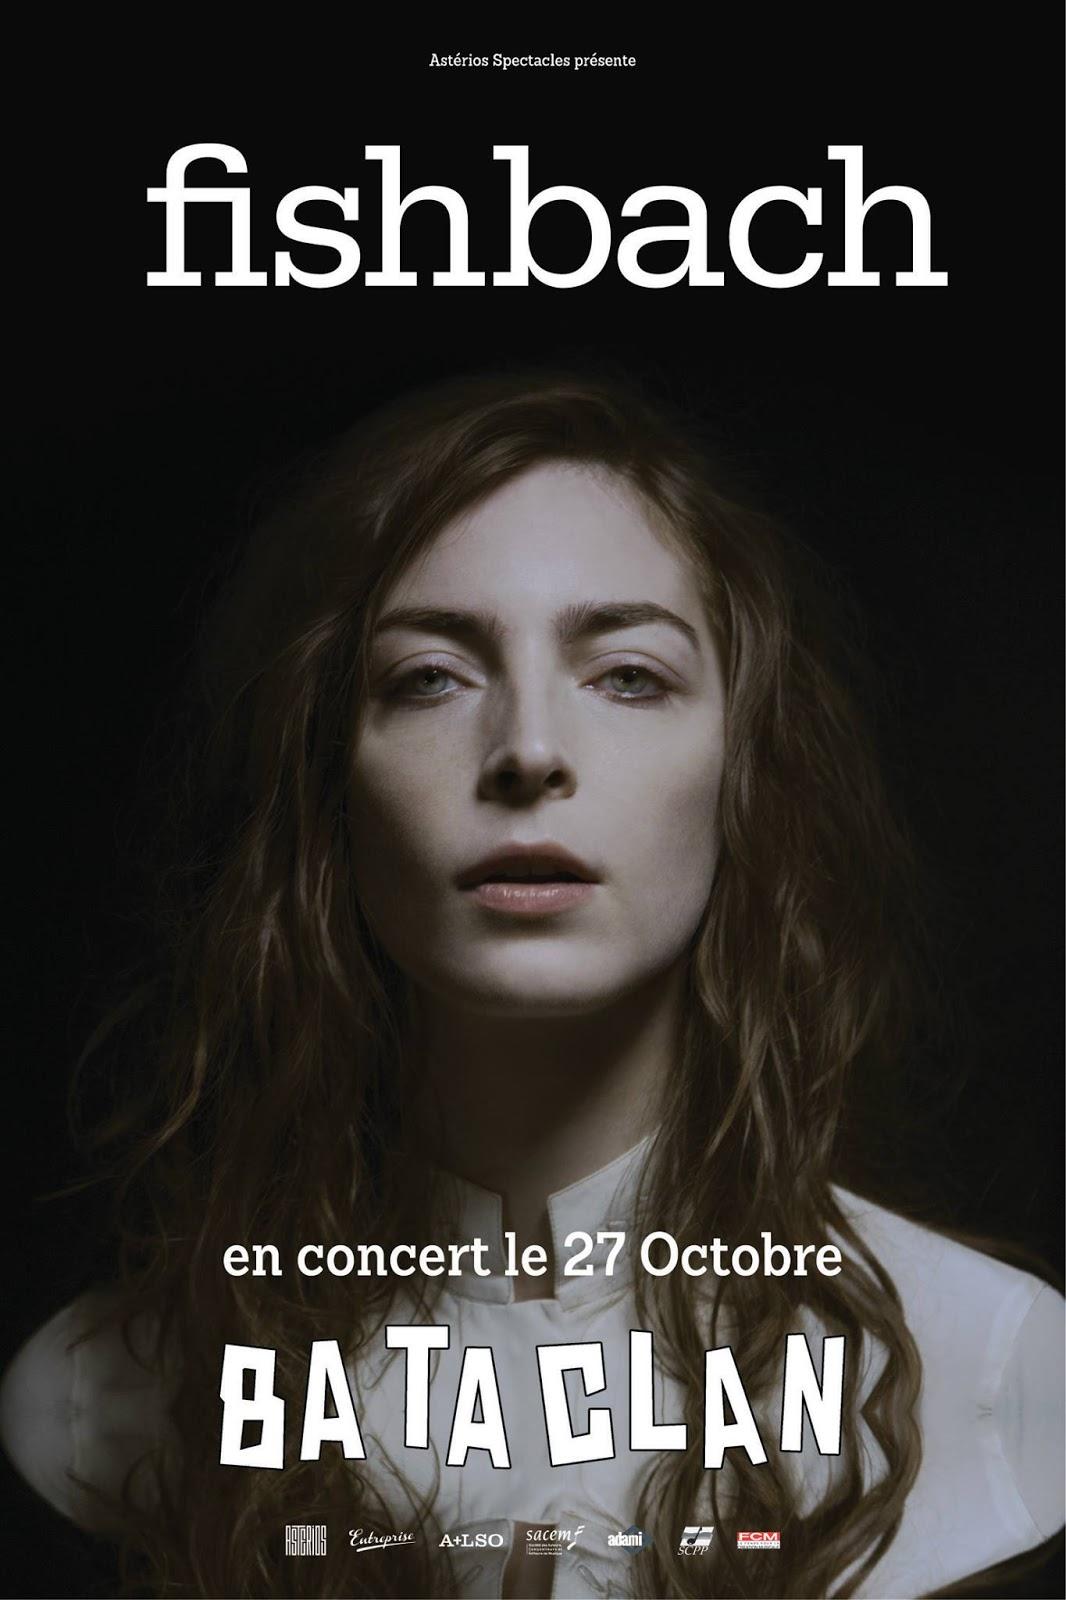 Fishbach - À ta merci - La nueva sensación de la música francesa - Concierto completo en la sala Bataclan de París